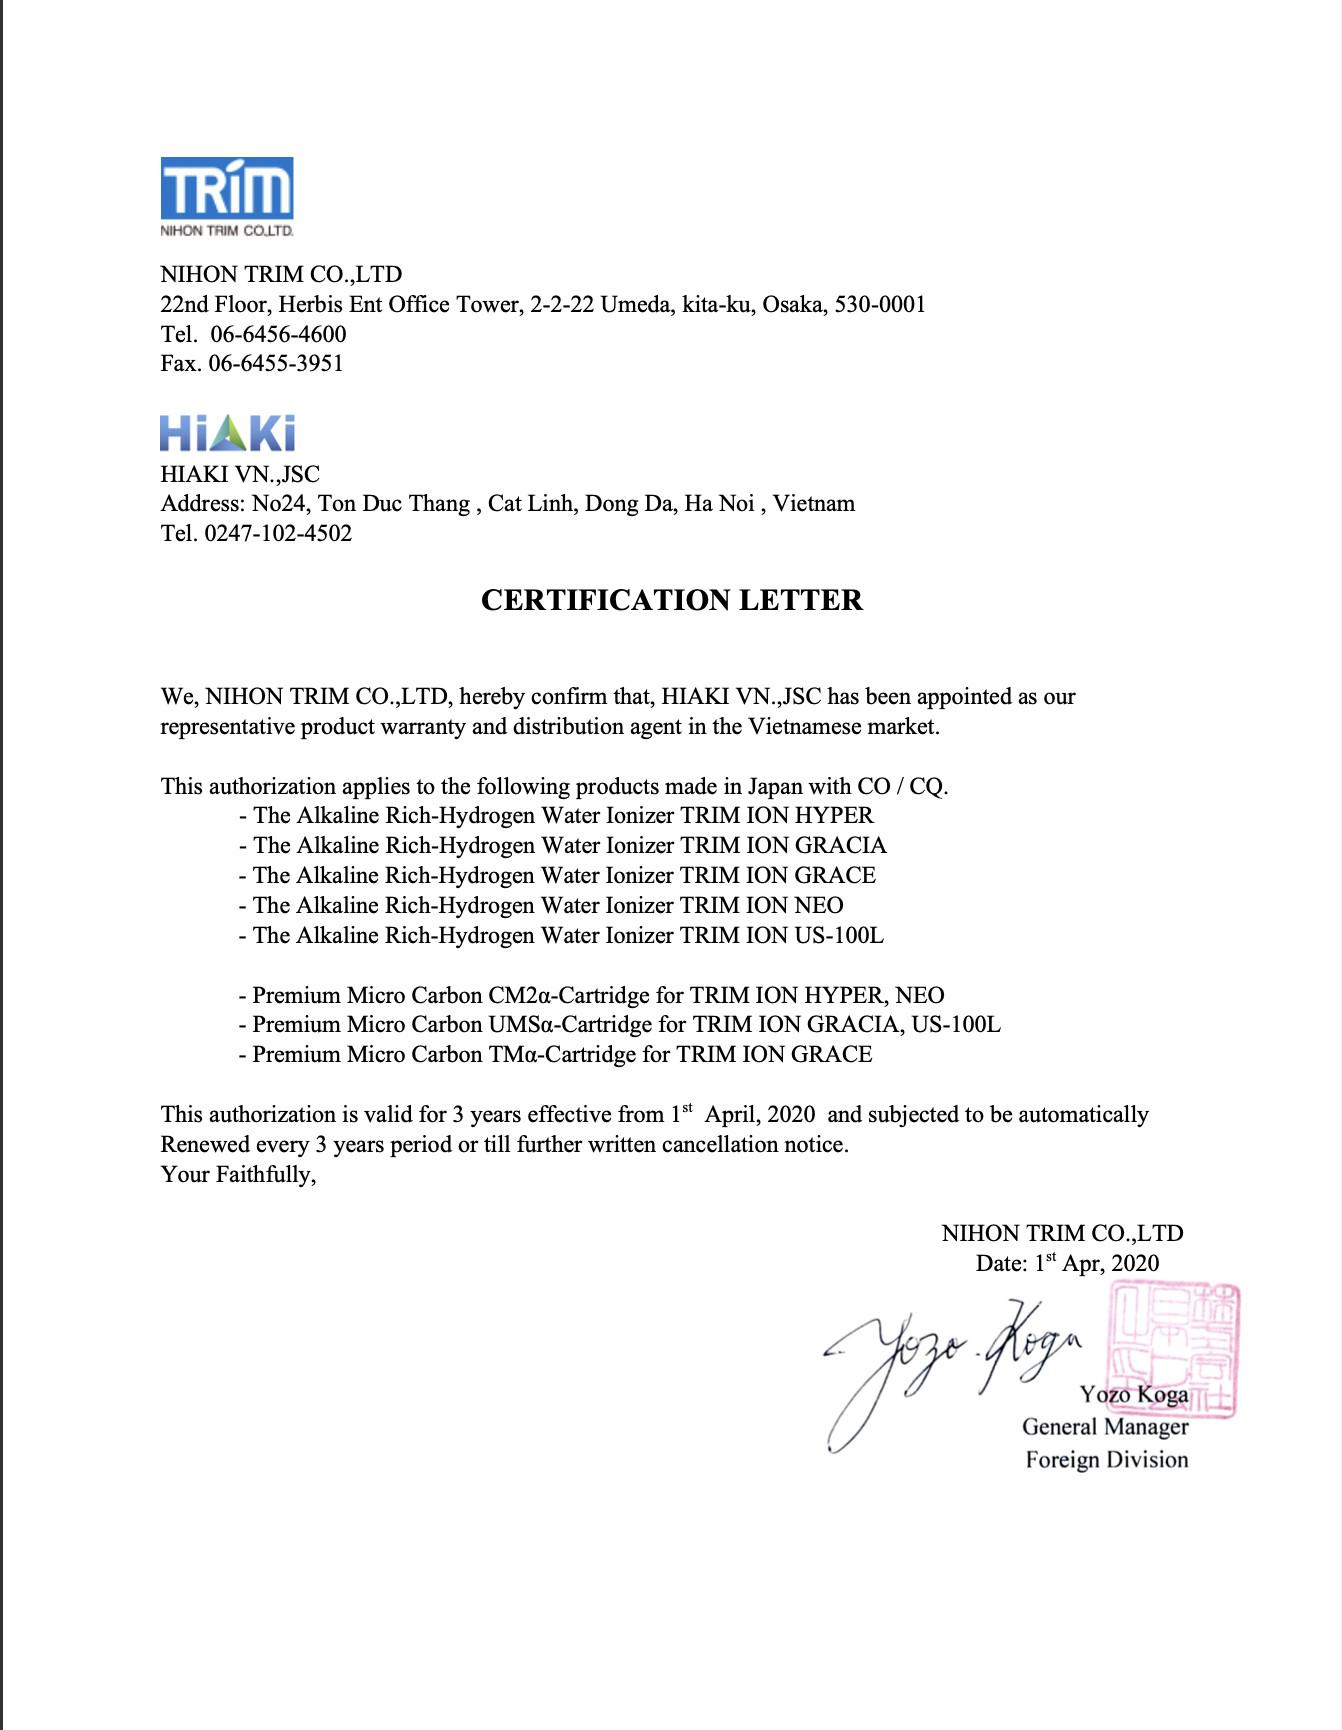 chứng nhận phân phối trim ion